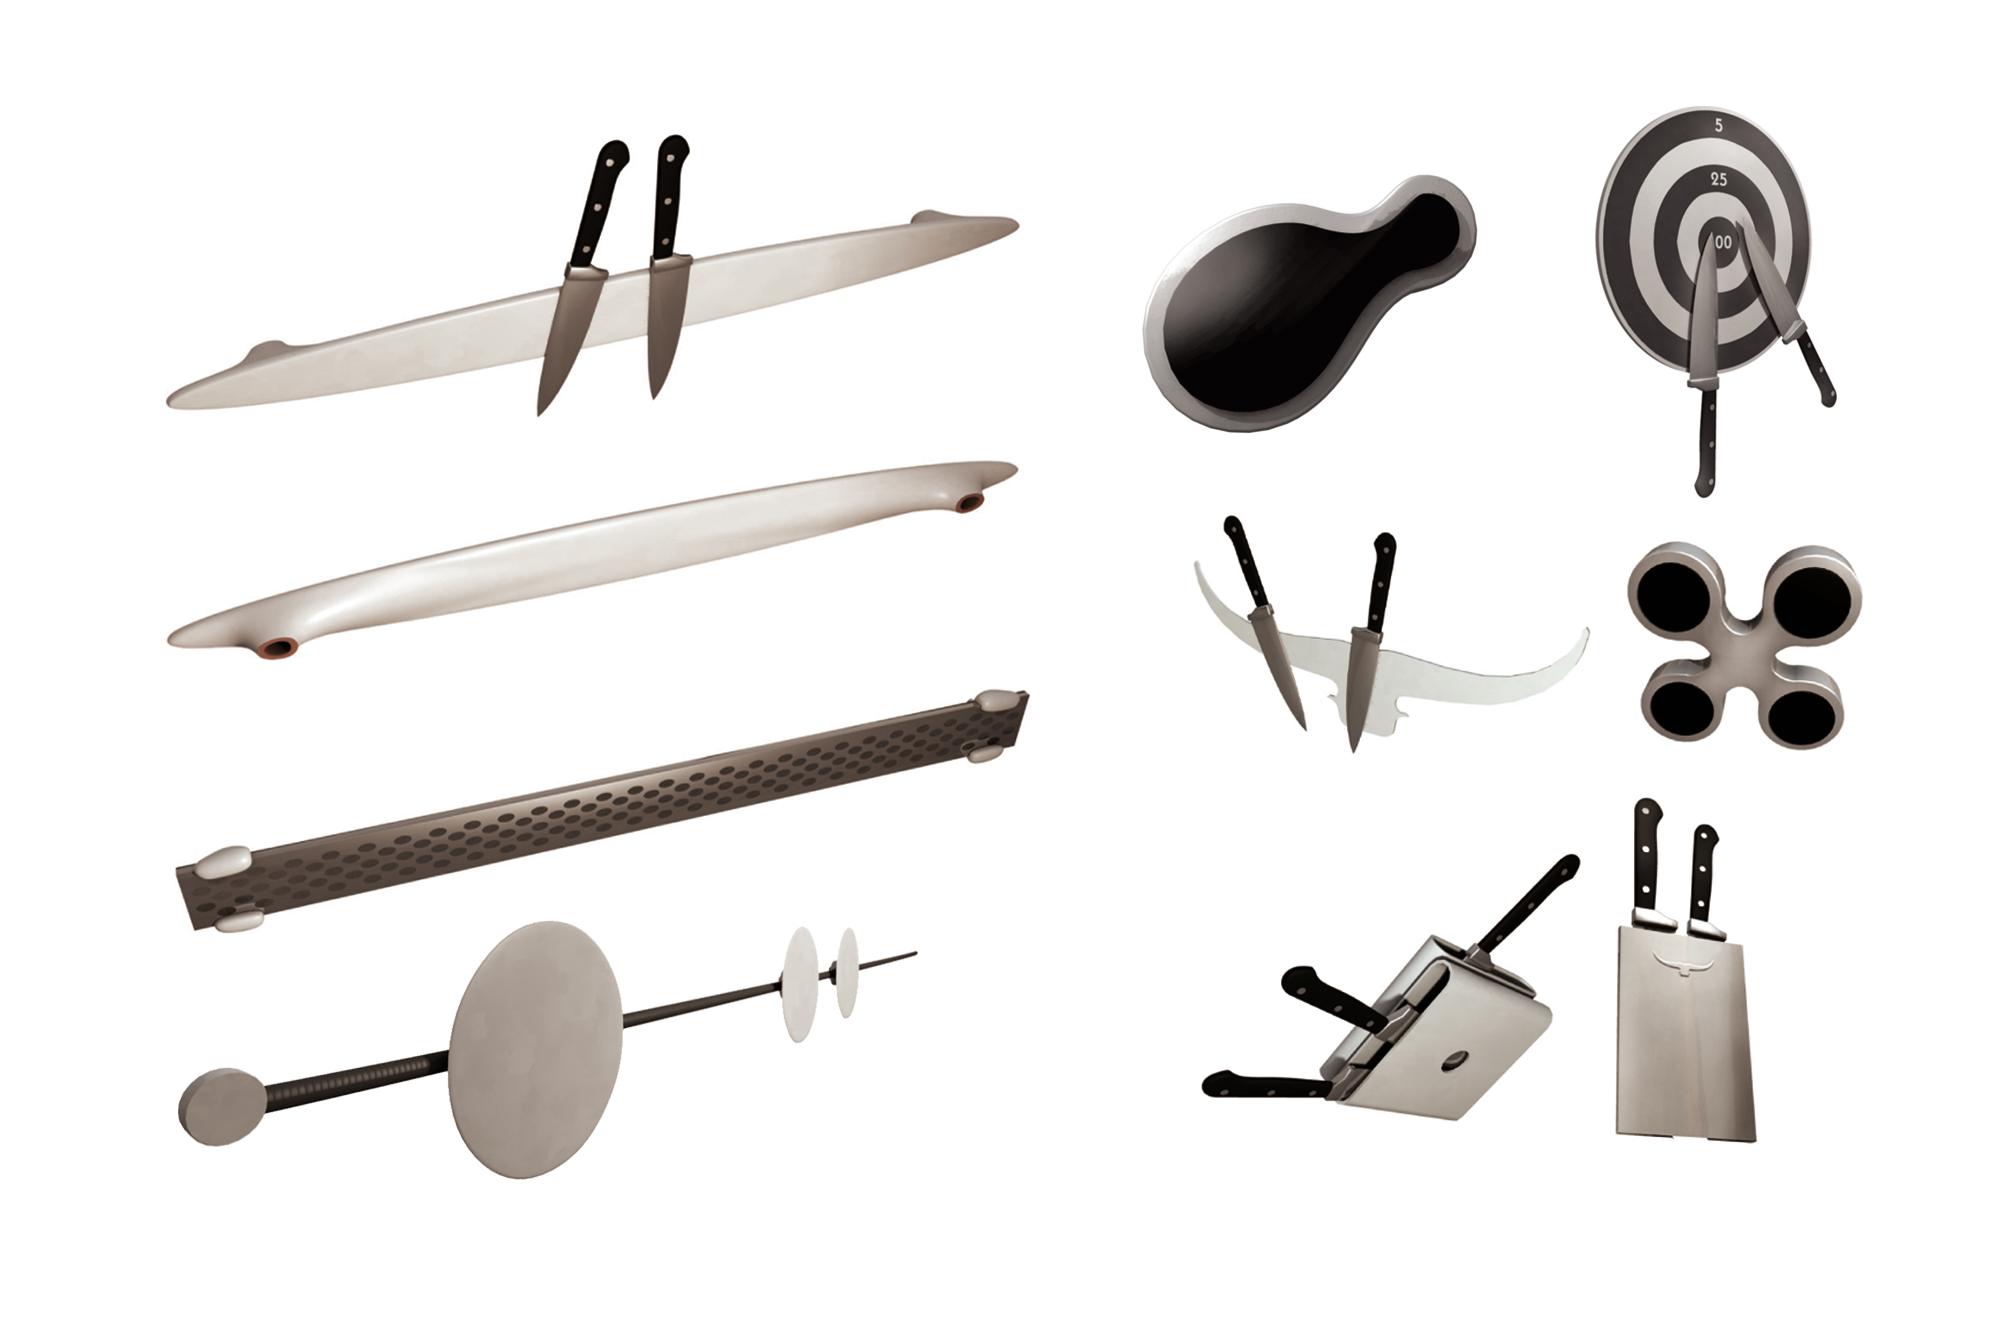 Porte couteaux aimanté - recherches